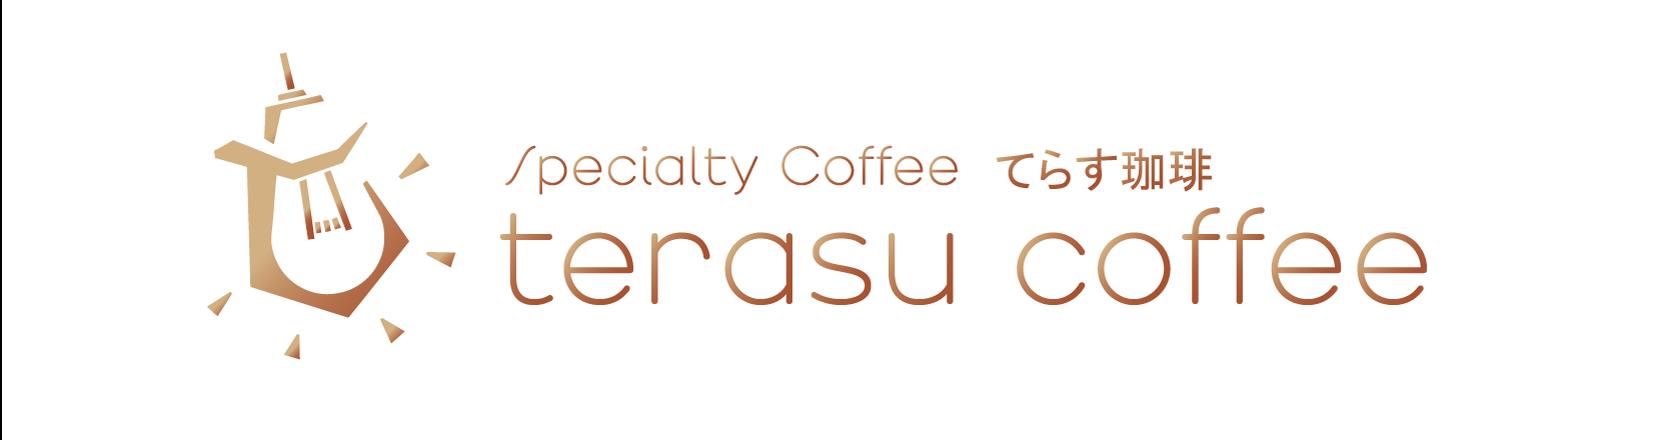 てらす珈琲 terasu coffee